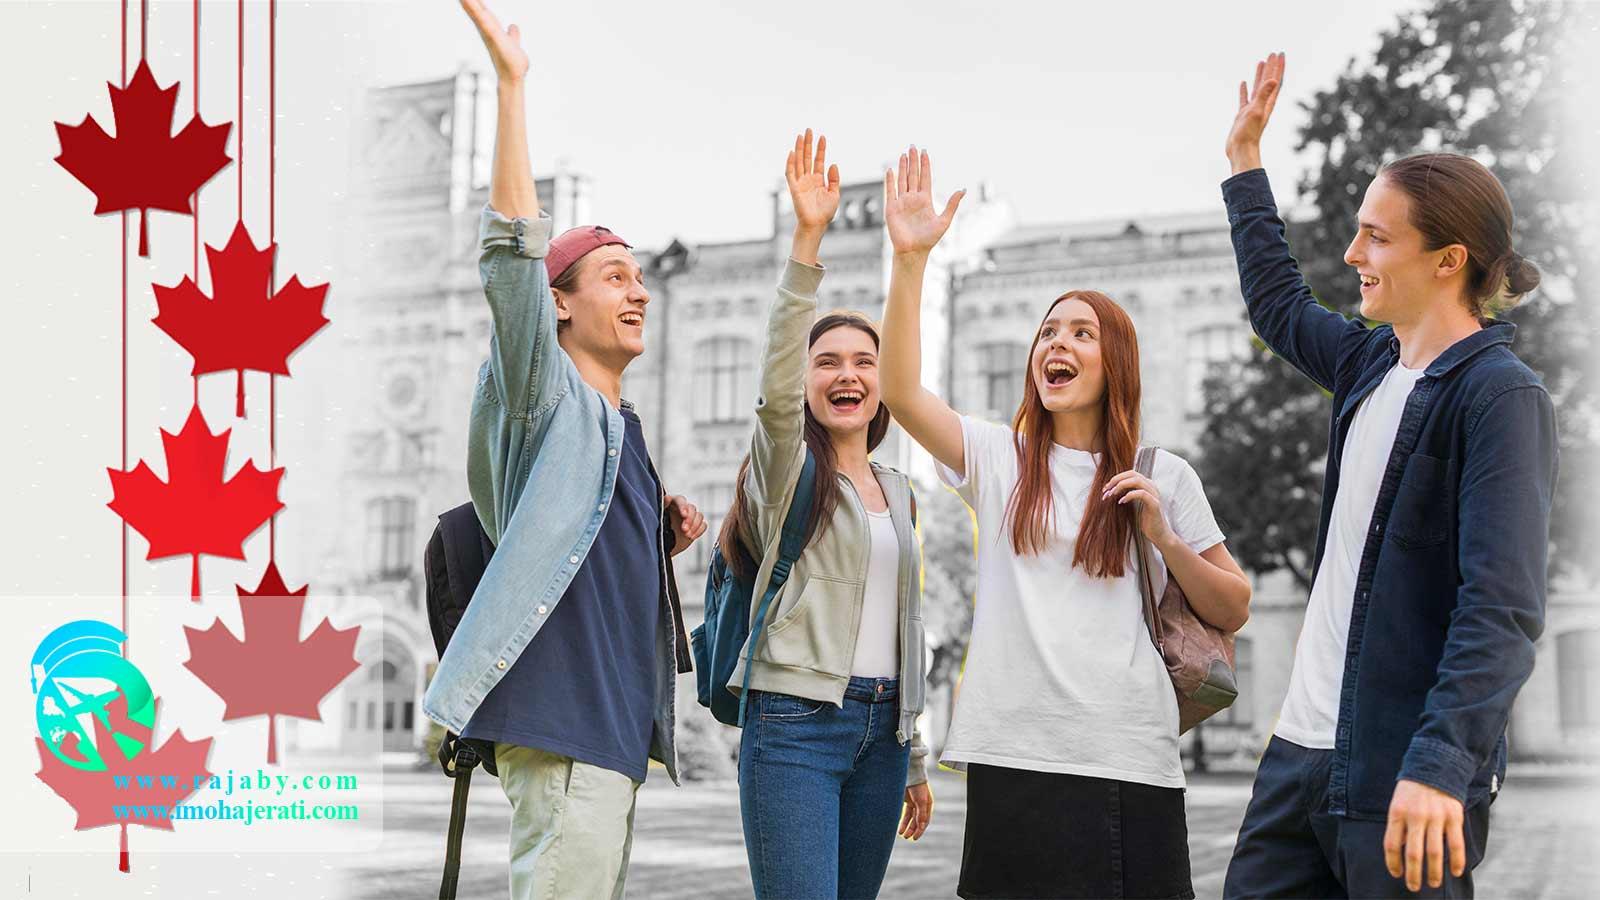 موسسات اعزام دانشجو به کانادا